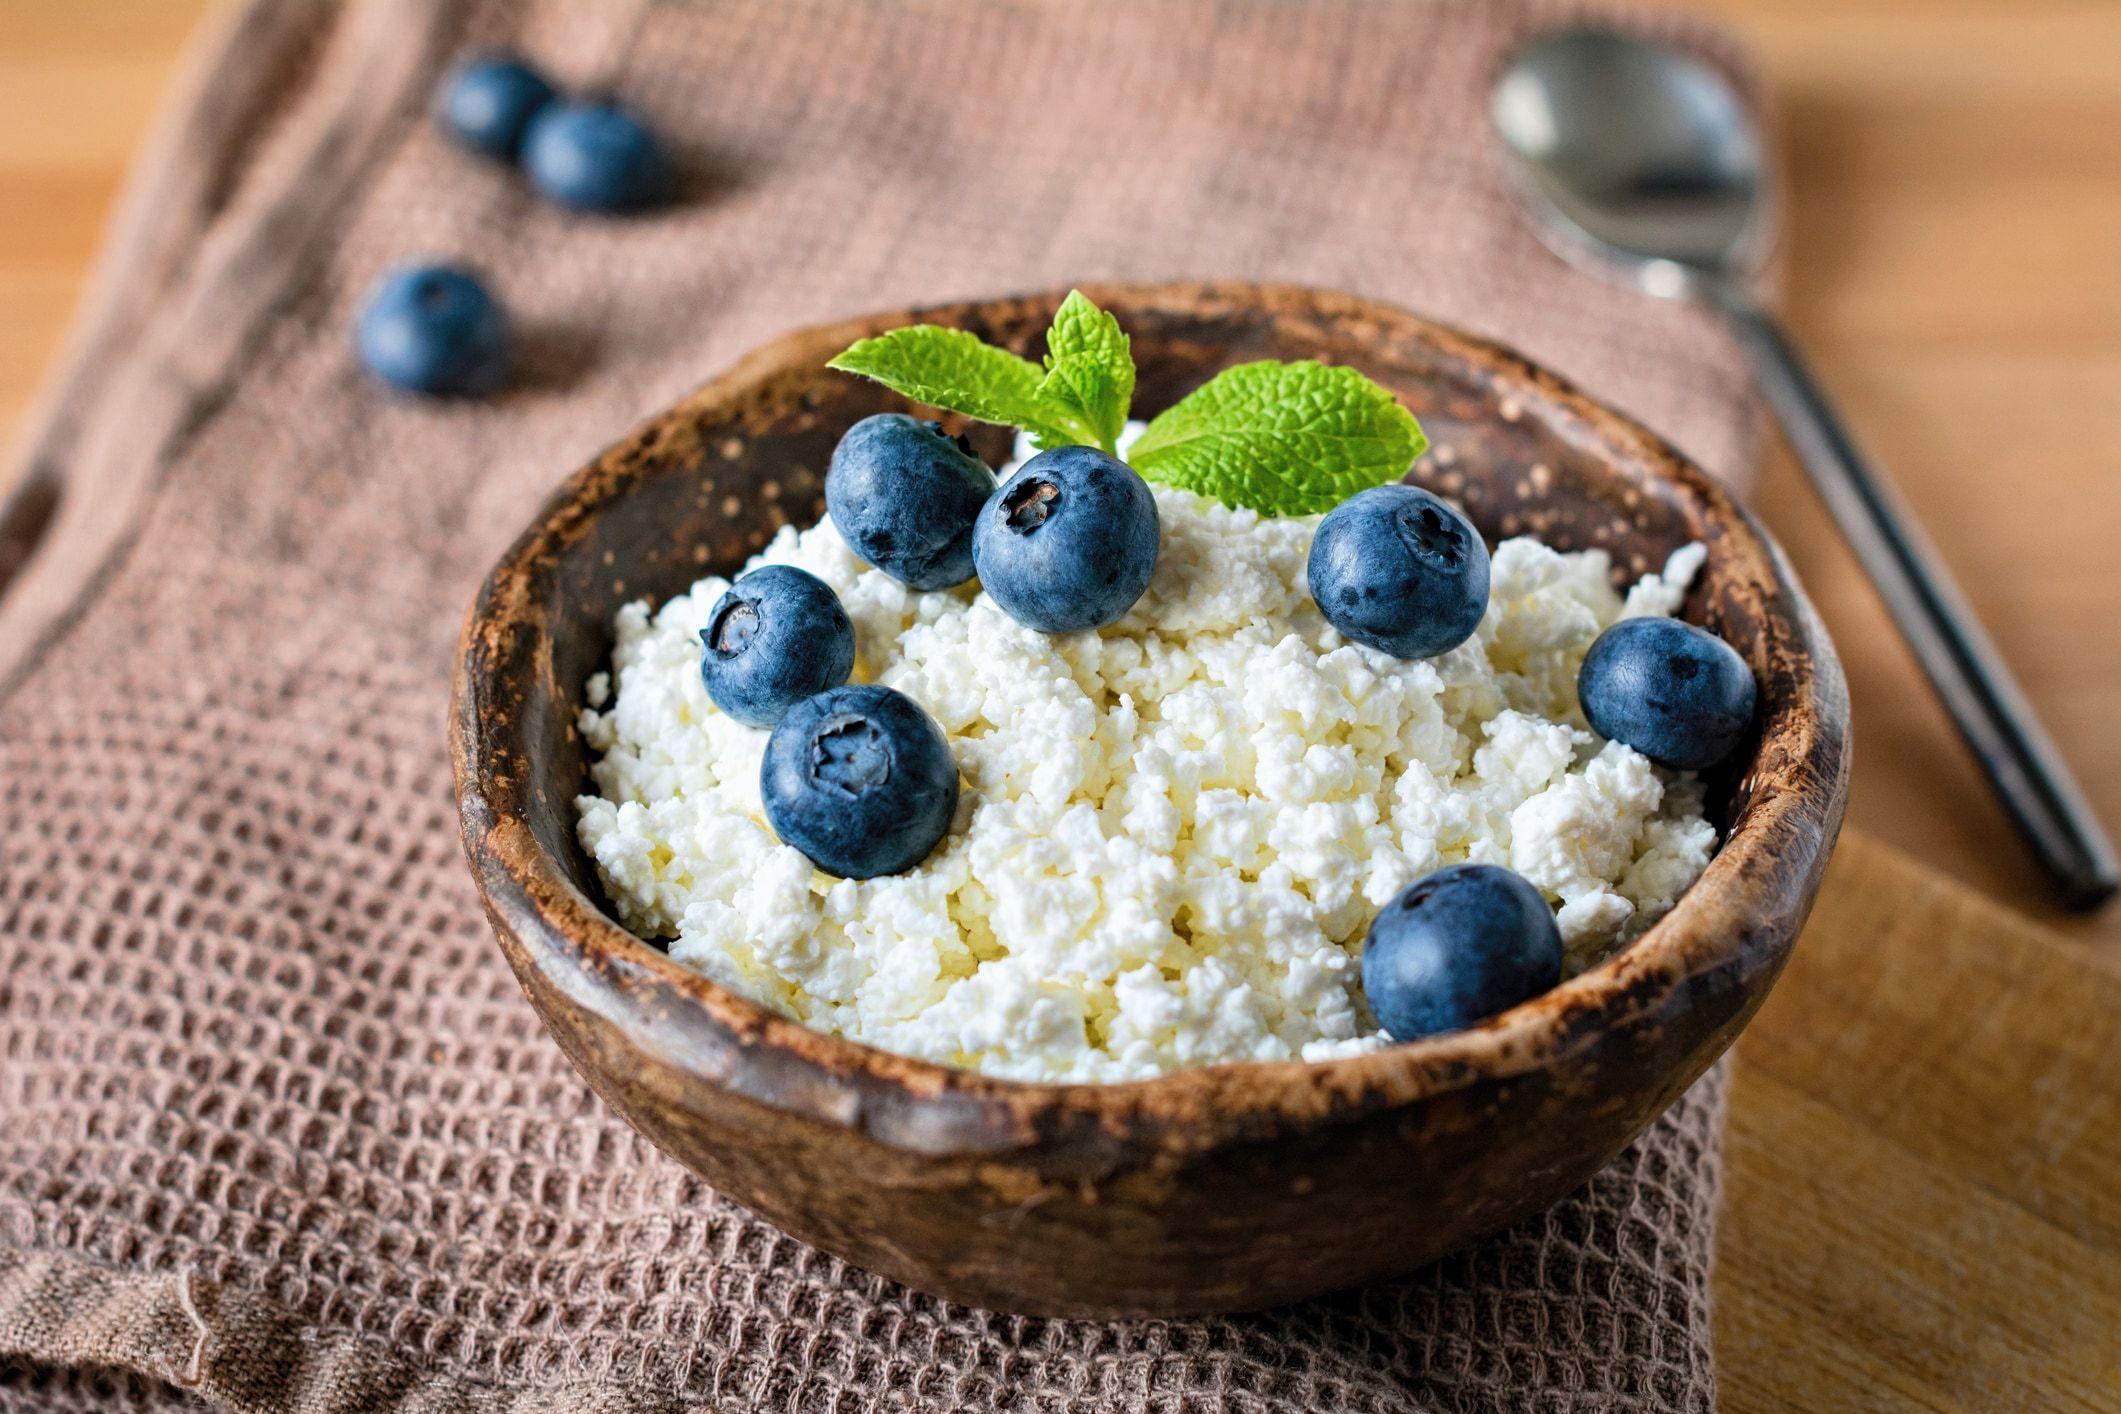 étvágycsökkentő diéta heti étrend fogyáshoz